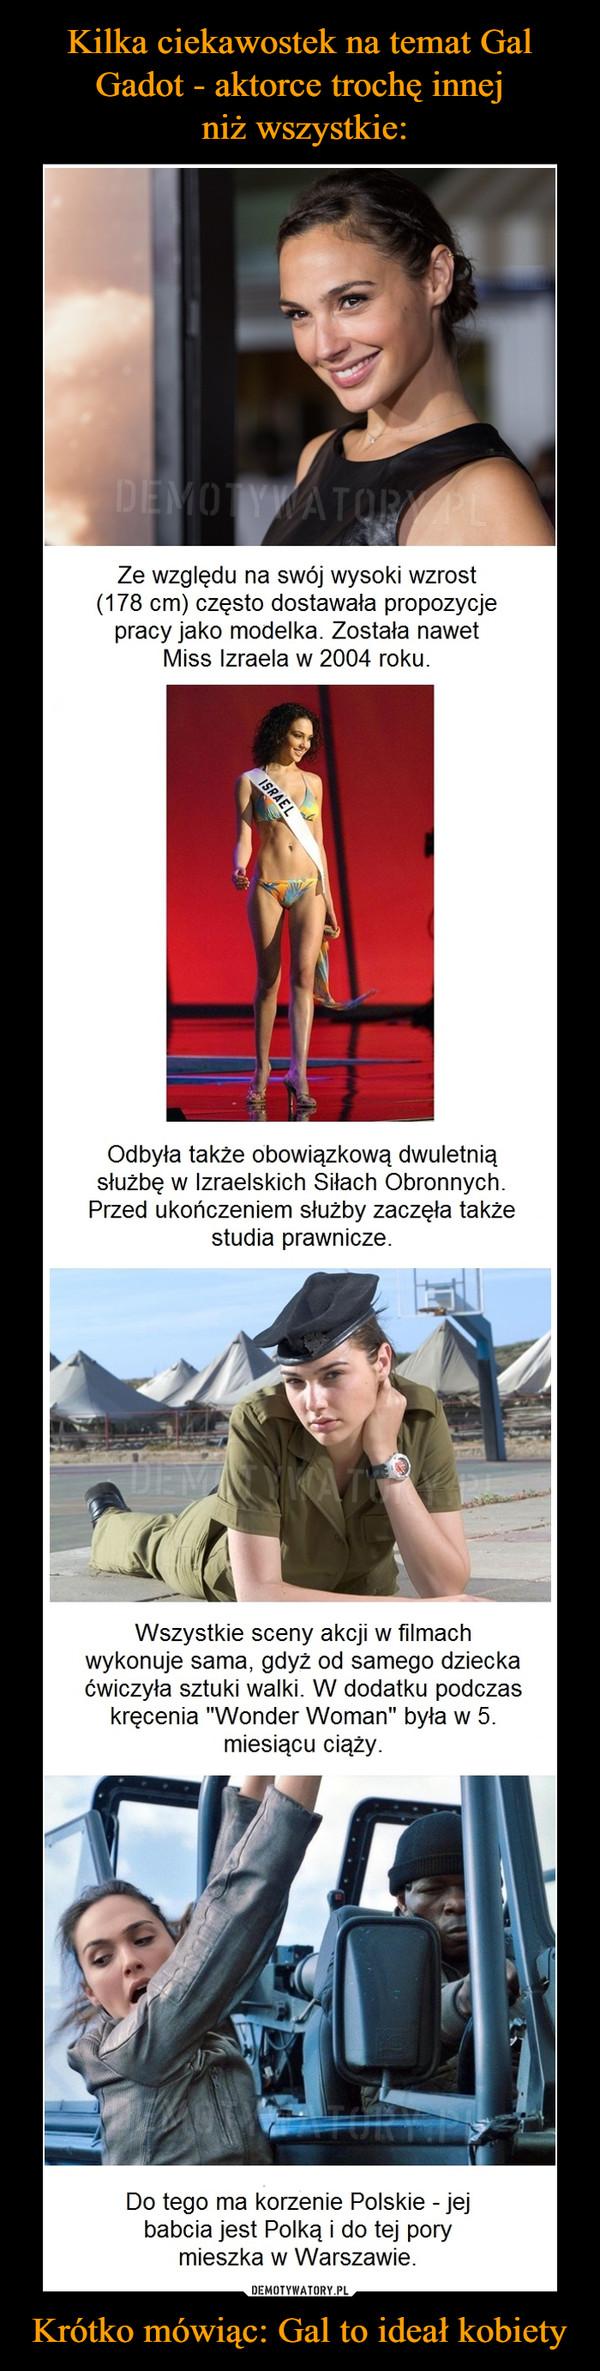 """Krótko mówiąc: Gal to ideał kobiety –  Ze względu na swój wysoki wzrost(178 cm) często dostawała propozycjepracy jako modelka. Została nawetMiss Izraela w 2004 roku.Odbyła także obowiązkową dwuletniąsłużbę w Izraelskich Siłach Obronnych.Przed ukończeniem służby zaczęła takżestudia prawnicze.Wszystkie sceny akcji w filmachwykonuje sama, gdyż od samego dzieckaćwiczyła sztuki walki. W dodatku podczaskręcenia """"Wonder Woman"""" była w 5.miesiącu ciąży.Do tego ma korzenie Polskie - jejbabcia jest Polką i do tej porymieszka w Warszawie."""